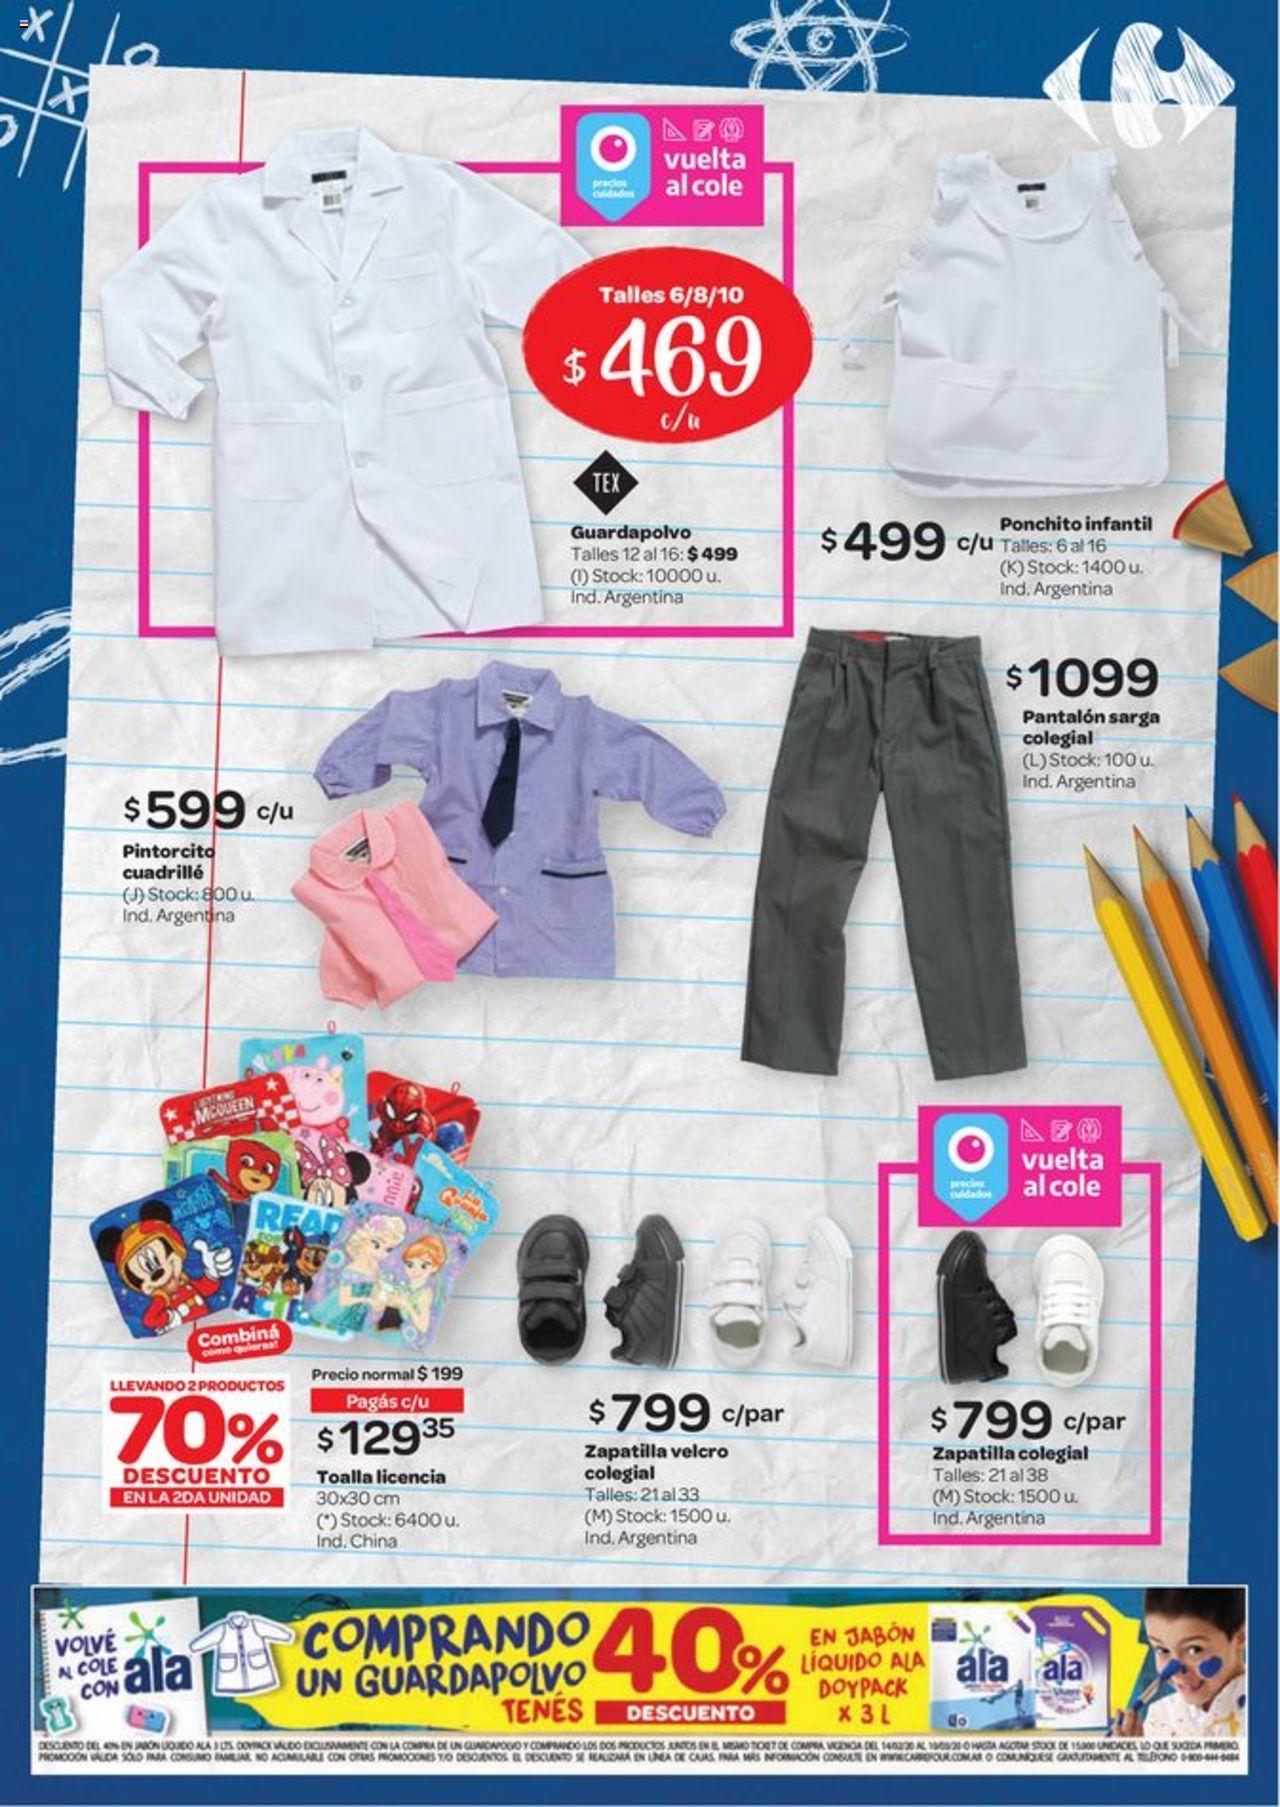 Carrefour Oferta válido desde el 13/02/2020 número de página 1 | Página: 19